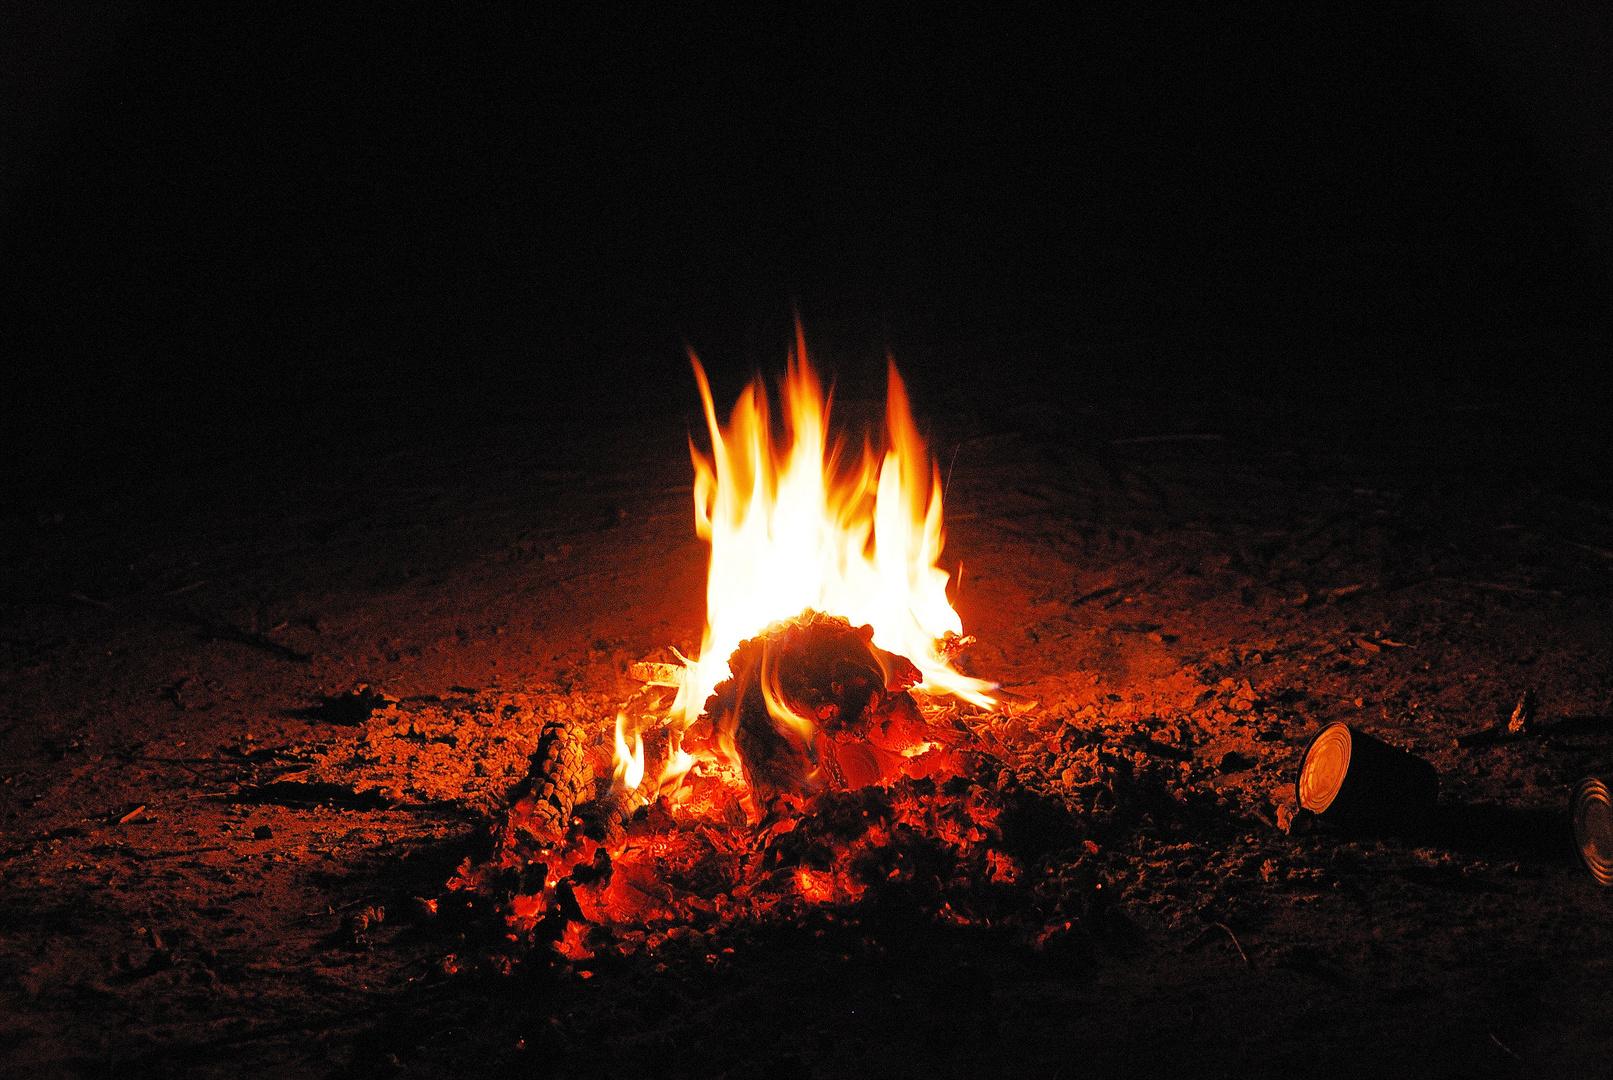 Der Geist des Feuers